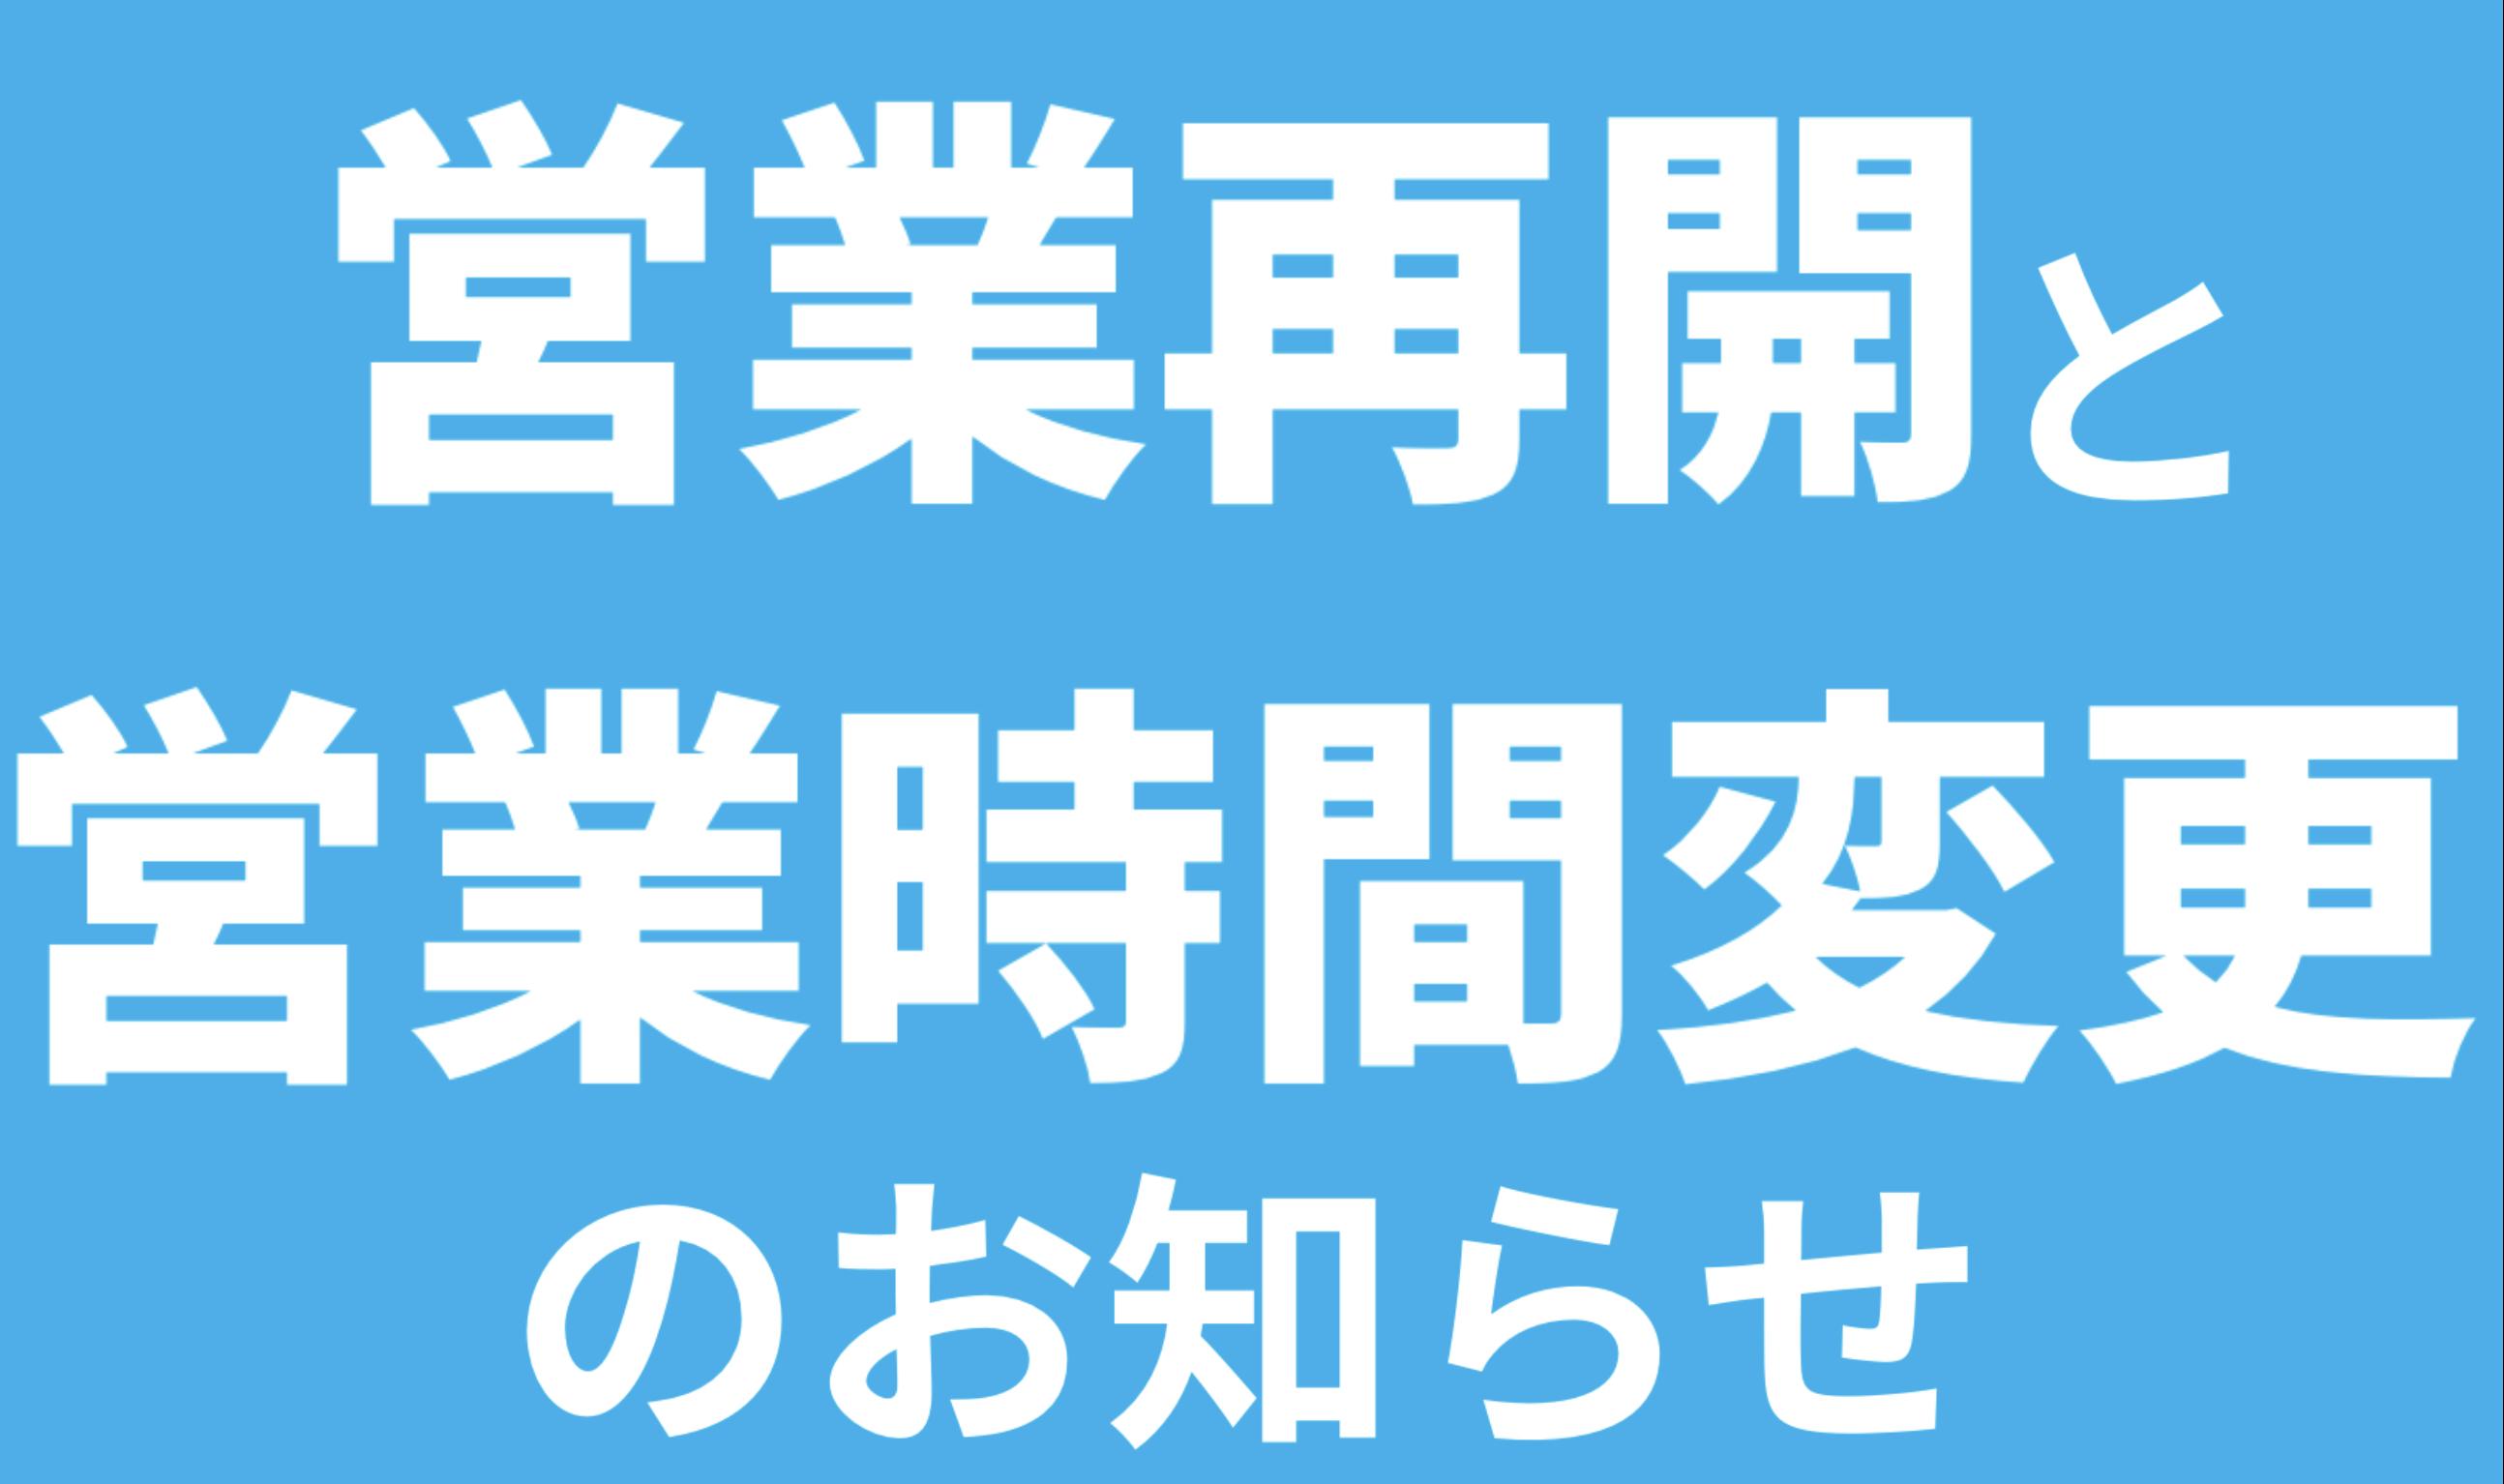 横浜 そごう 営業 再開